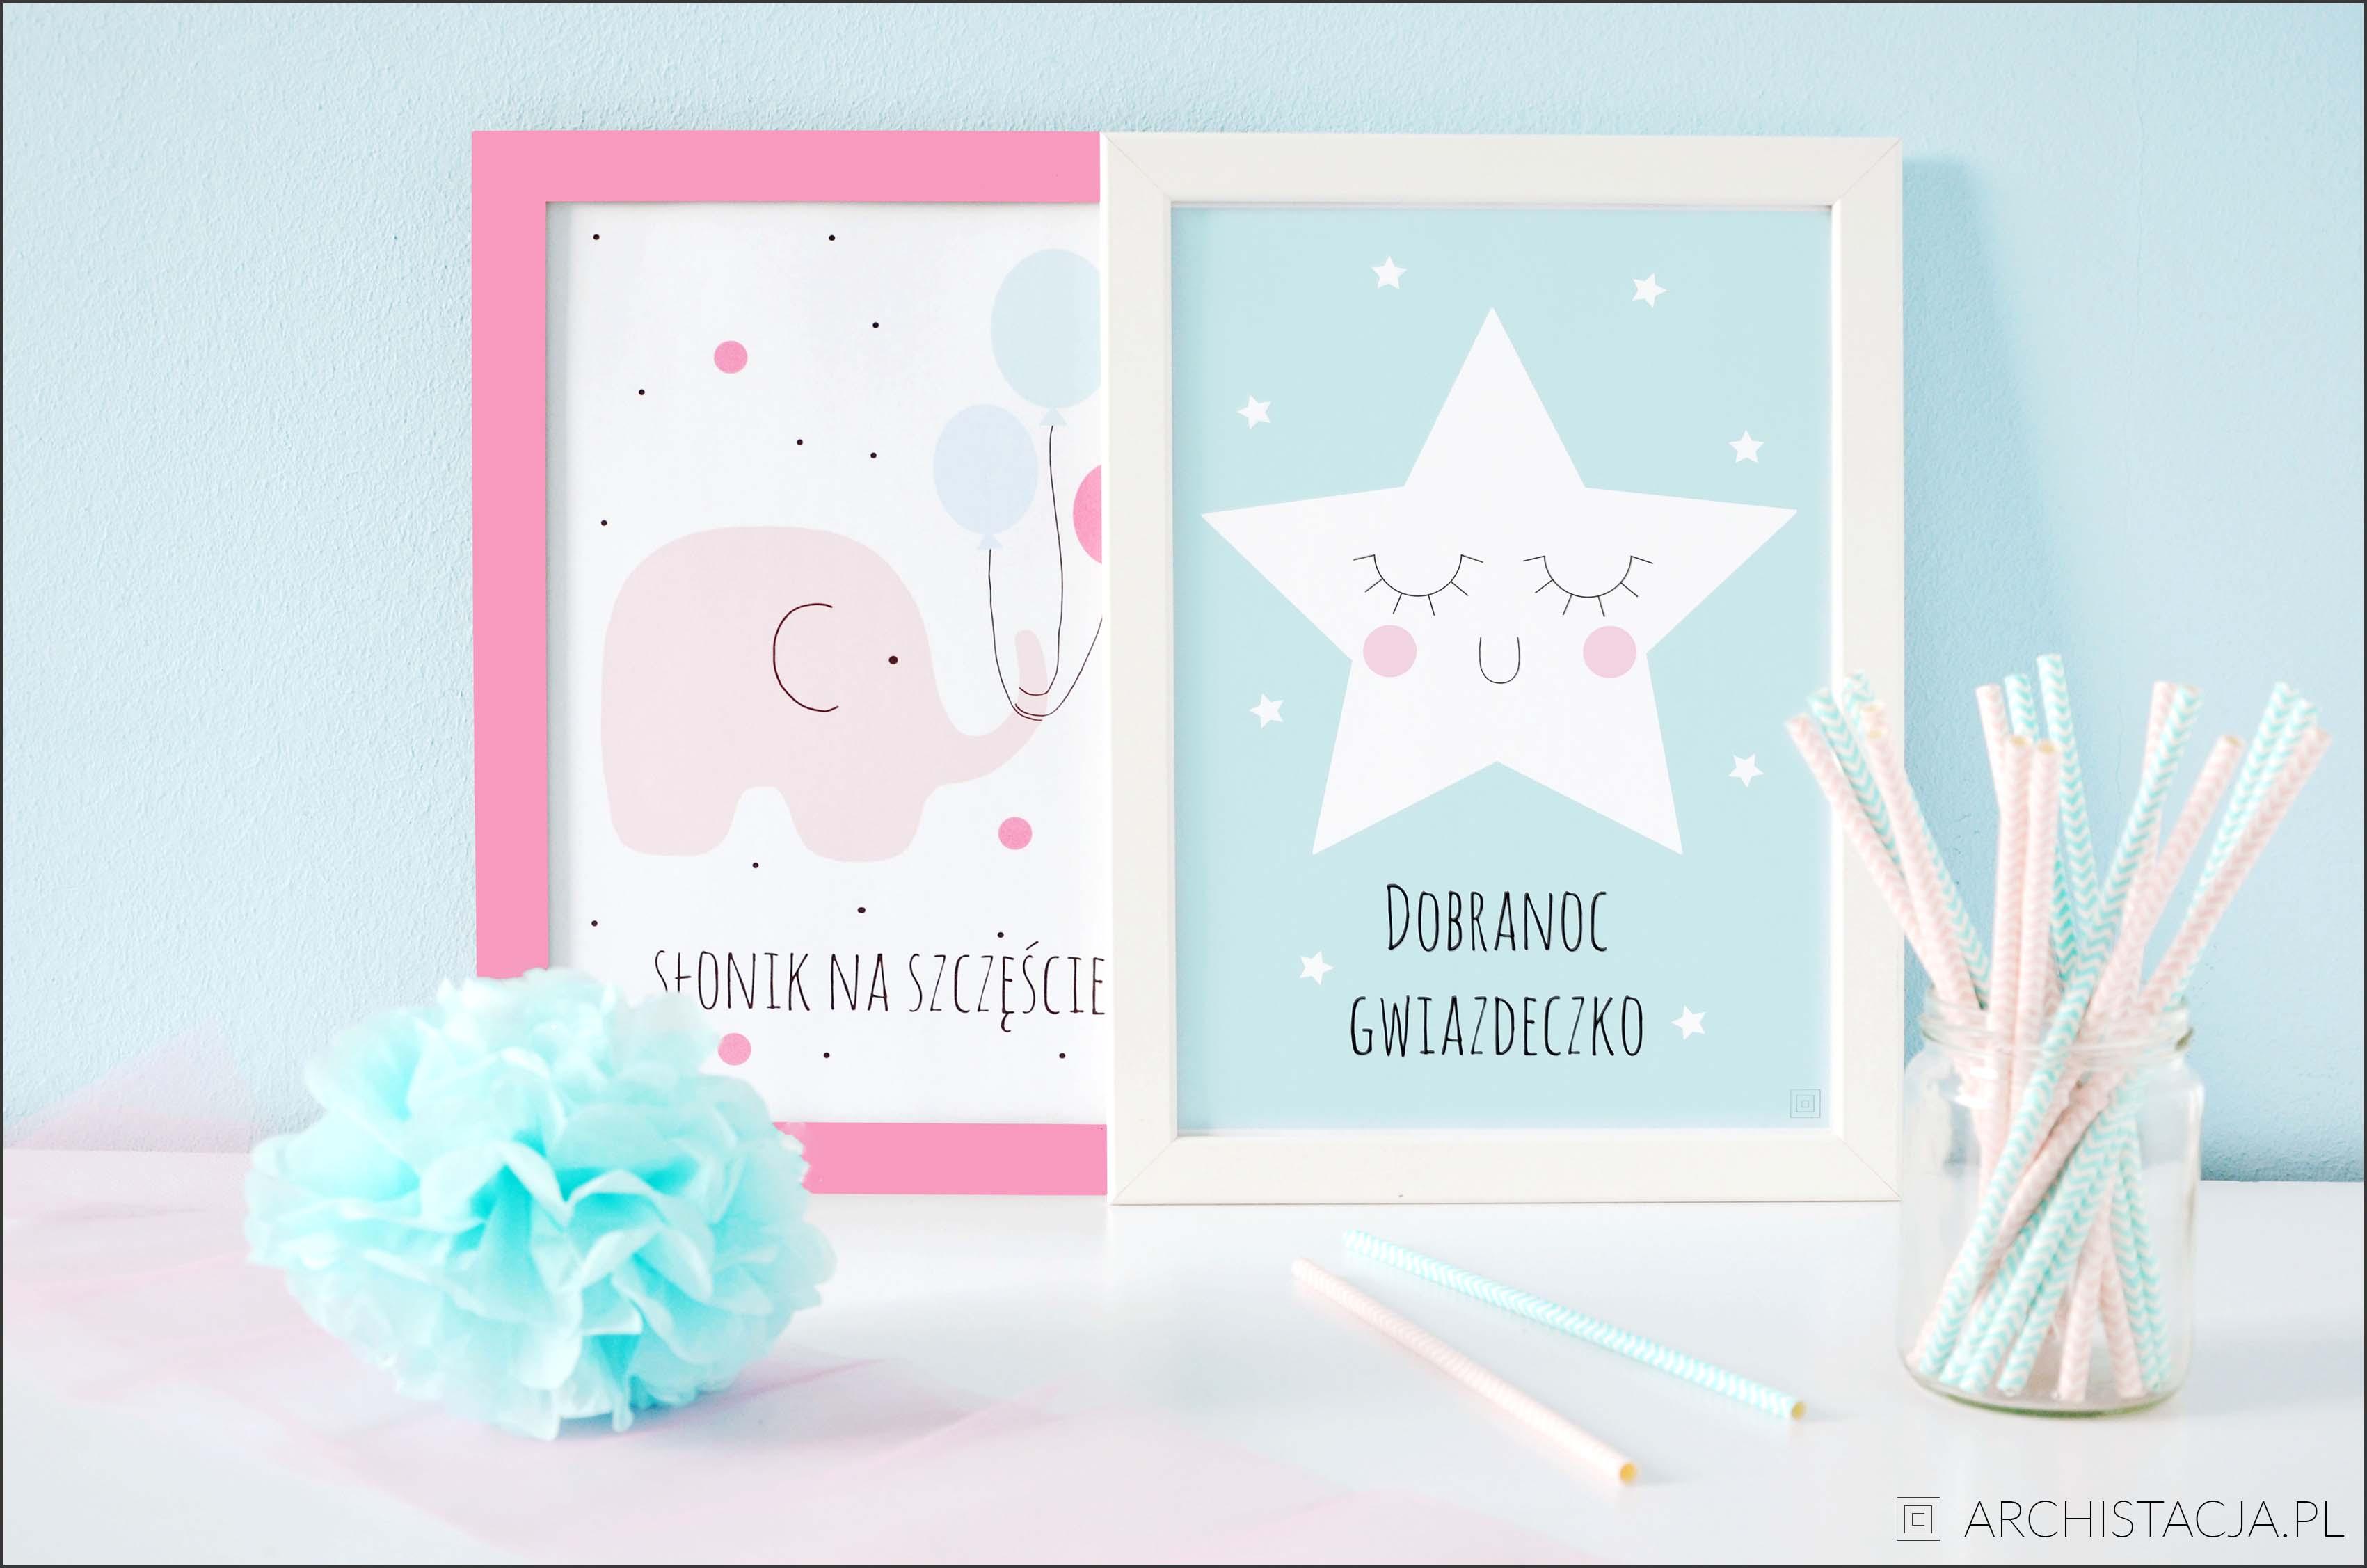 Plakaty Do Pokoju Dziecięcego Archistacjapl